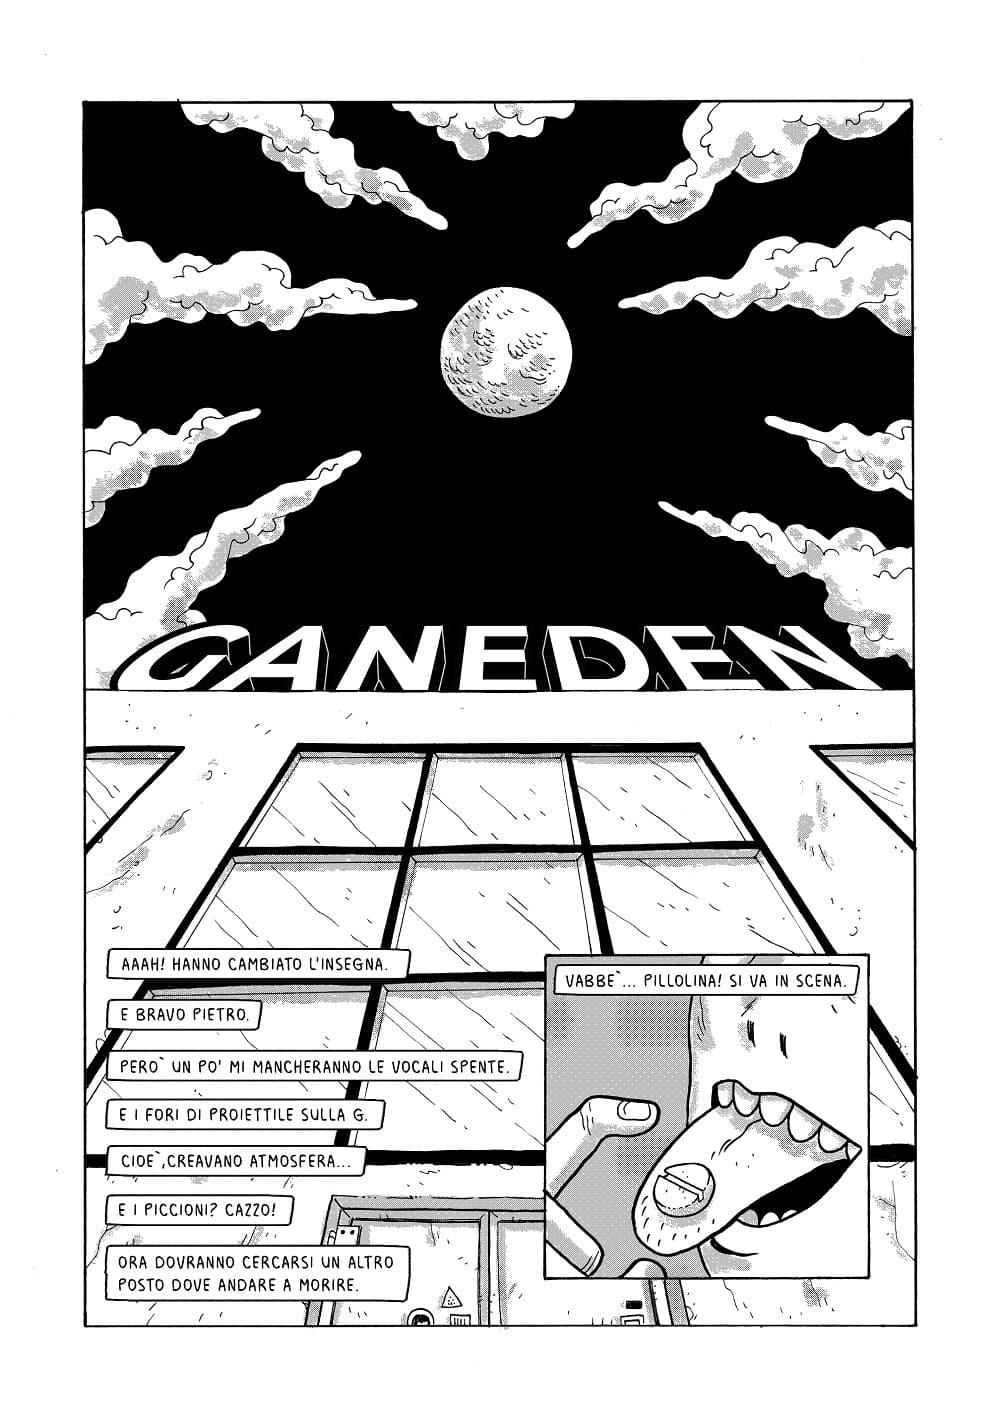 Anteprima: Ganeden Vol. 1 di Nalsco e Roberto Tiraboschi_Anteprime